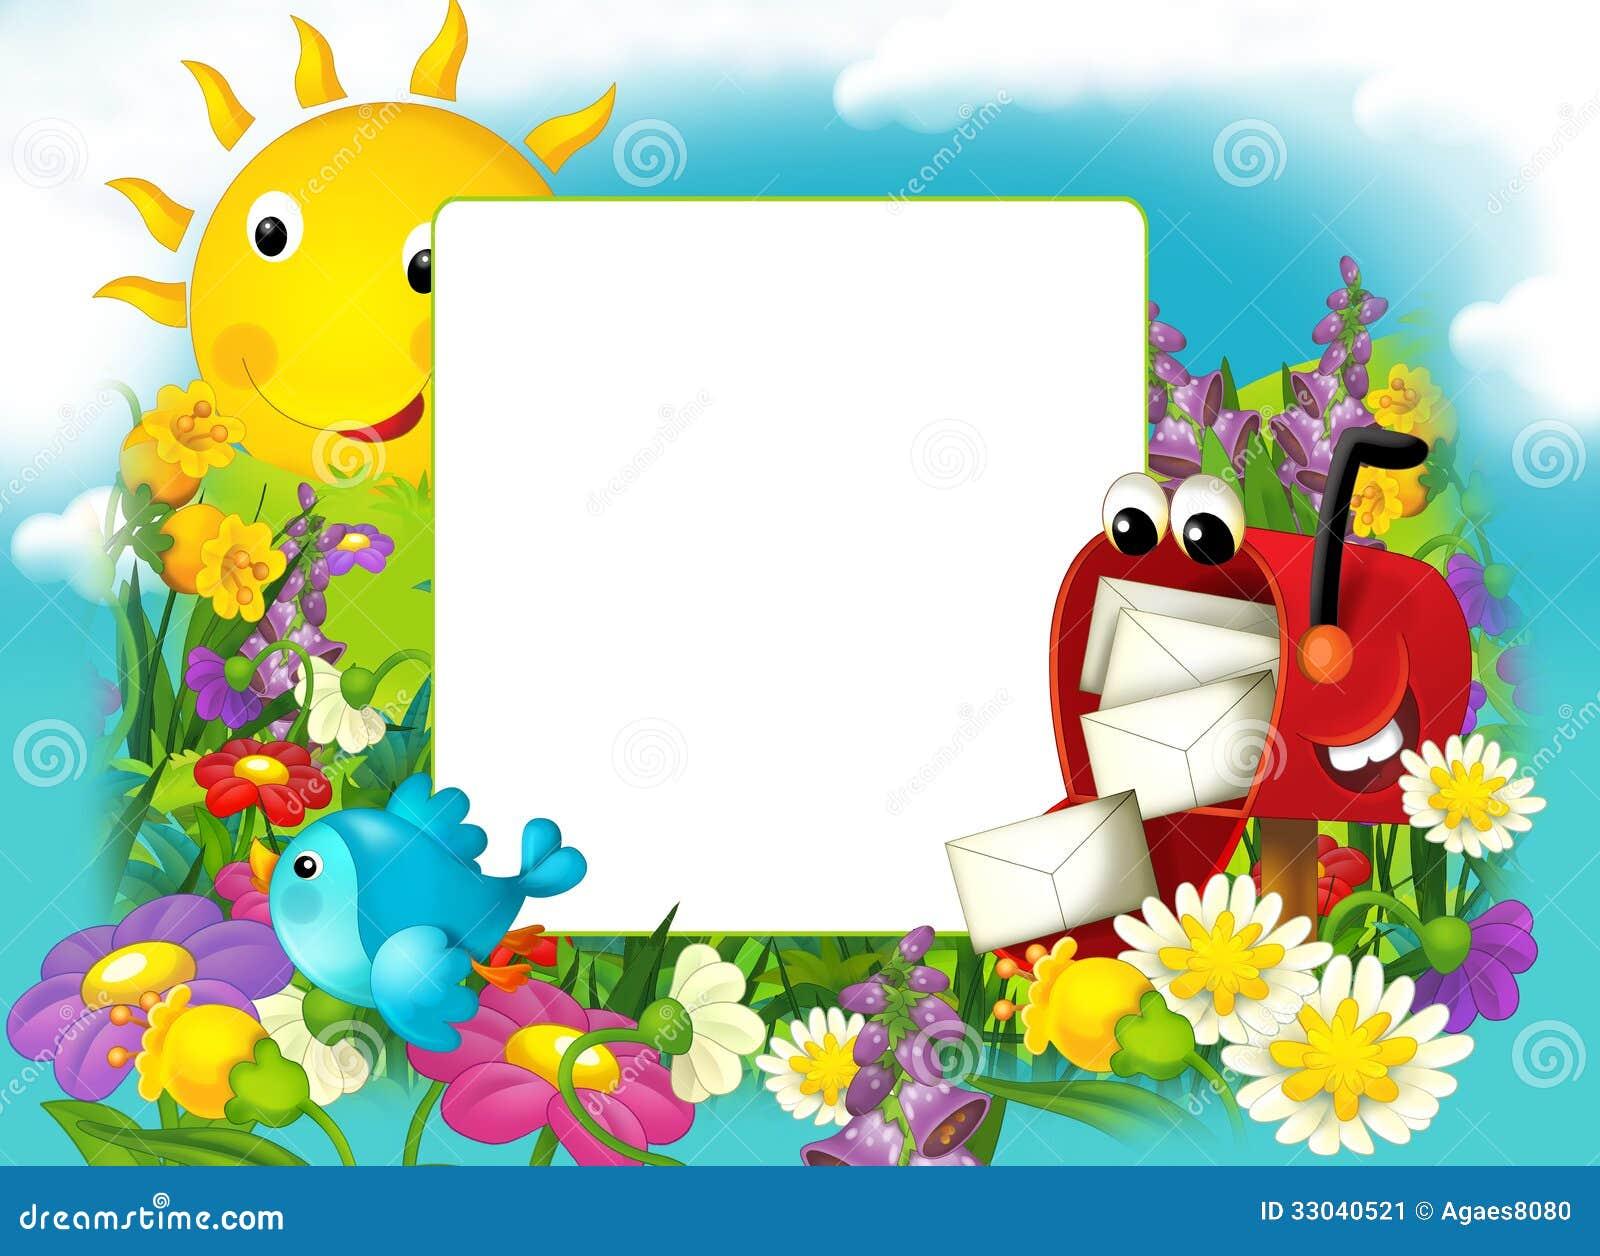 Marco Feliz Y Colorido Para Los Niños Stock de ilustración ...